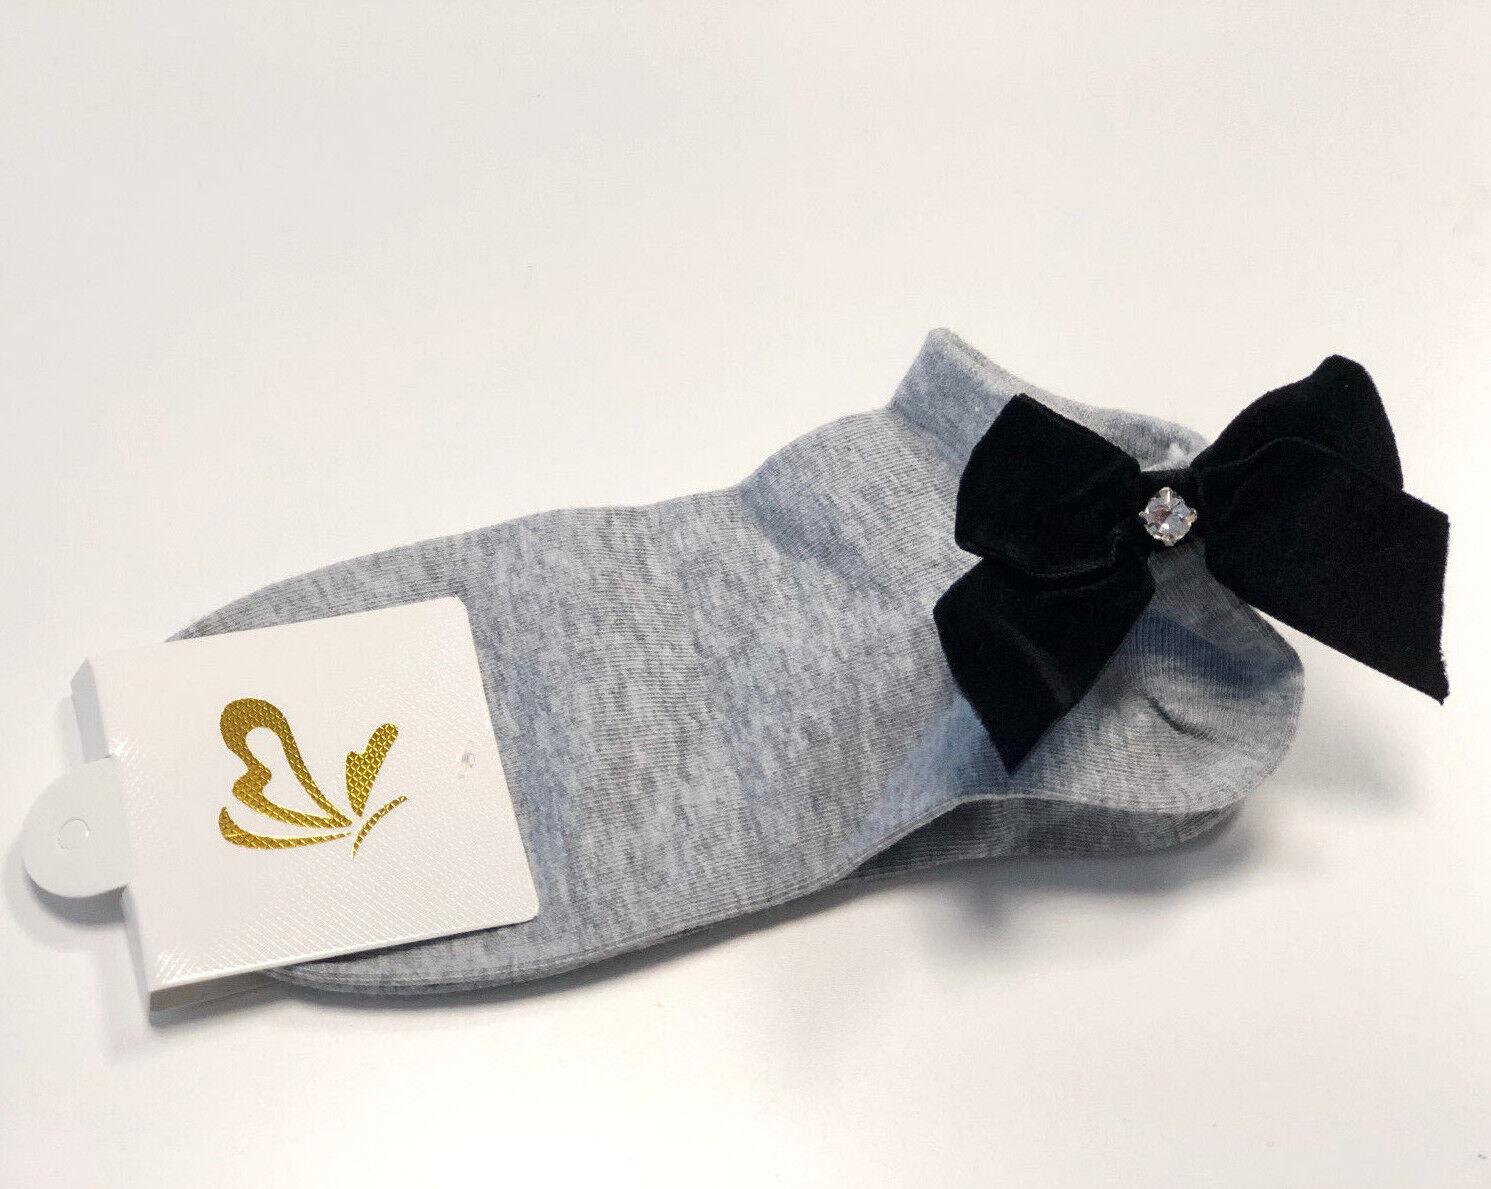 Socken mit Schleife - Süße Schleifensocken - Grau - Einheitsgröße - NEU